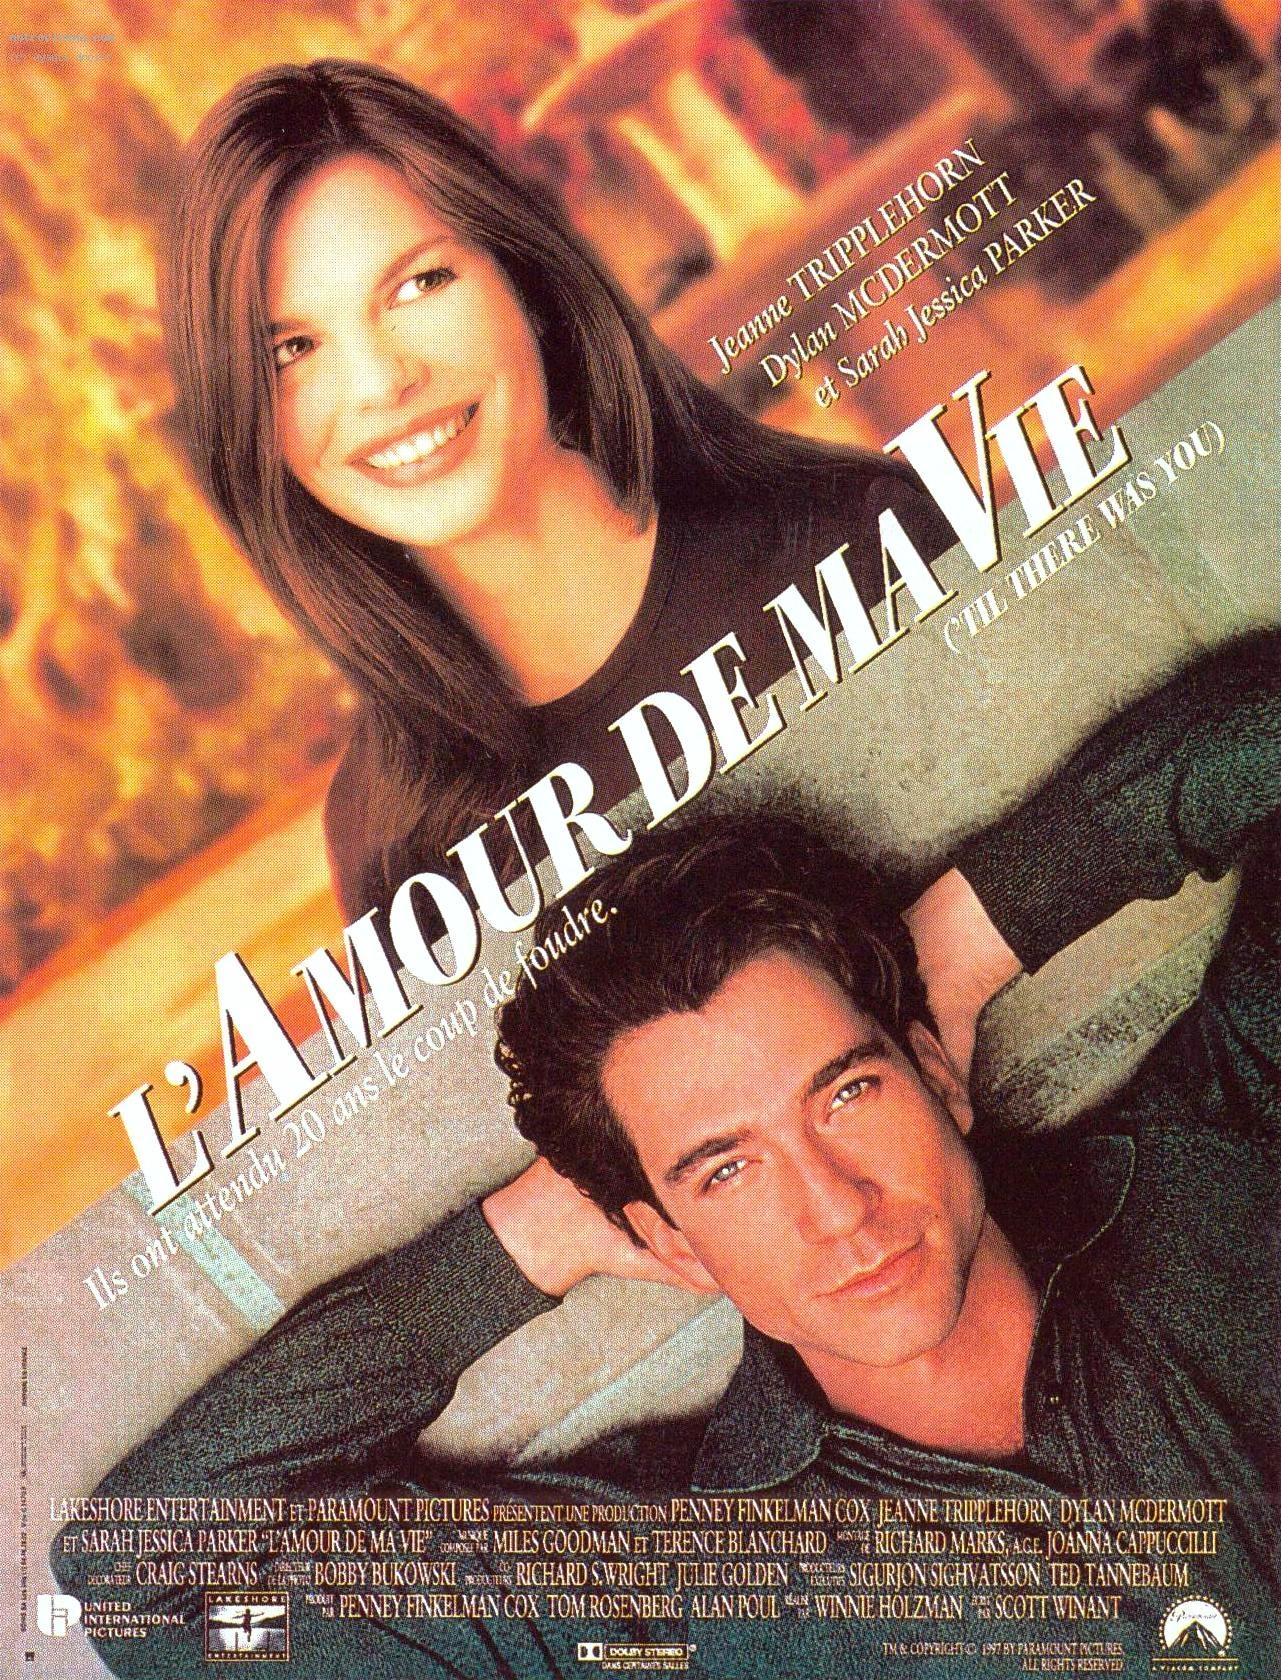 L'Amour de ma vie (1997)